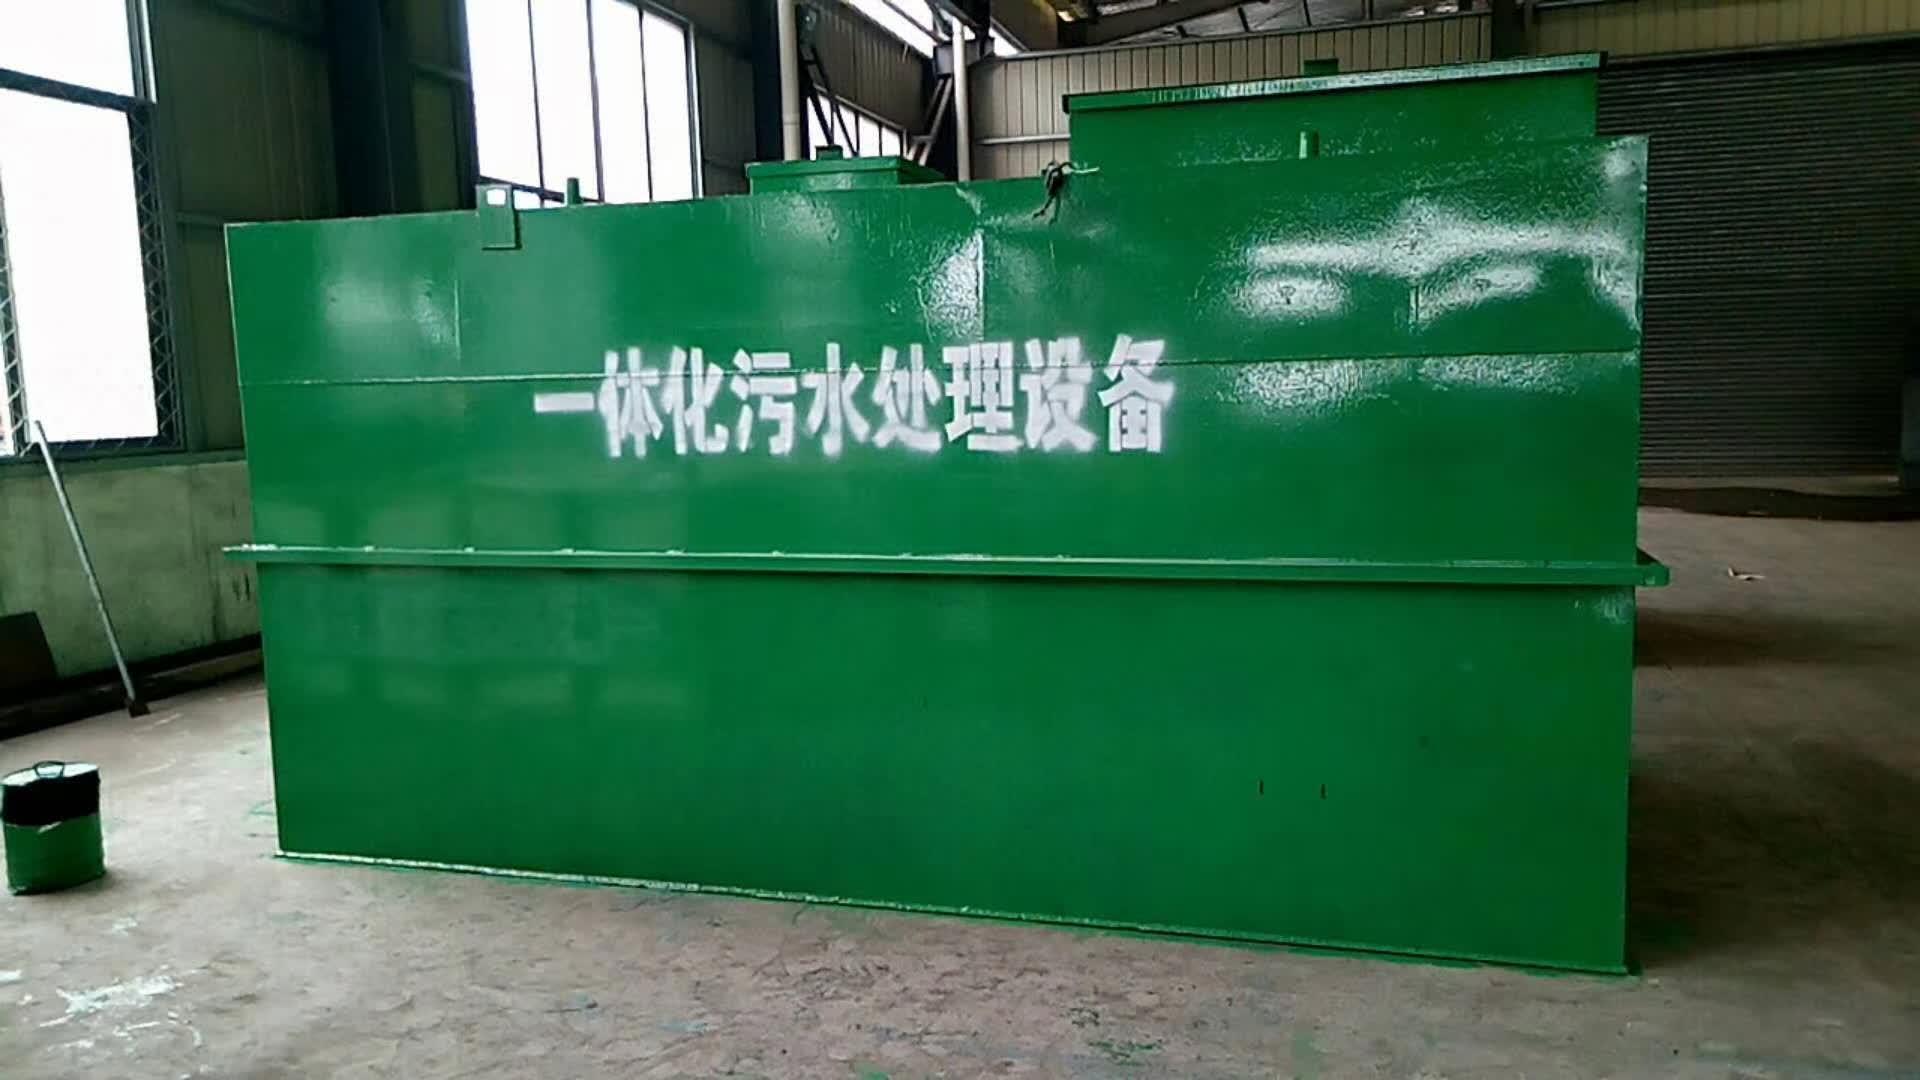 养鸡场污水处理设备生产厂家直销 价格优惠 性价比高 买养殖场污水处理设备就来晔晗环保